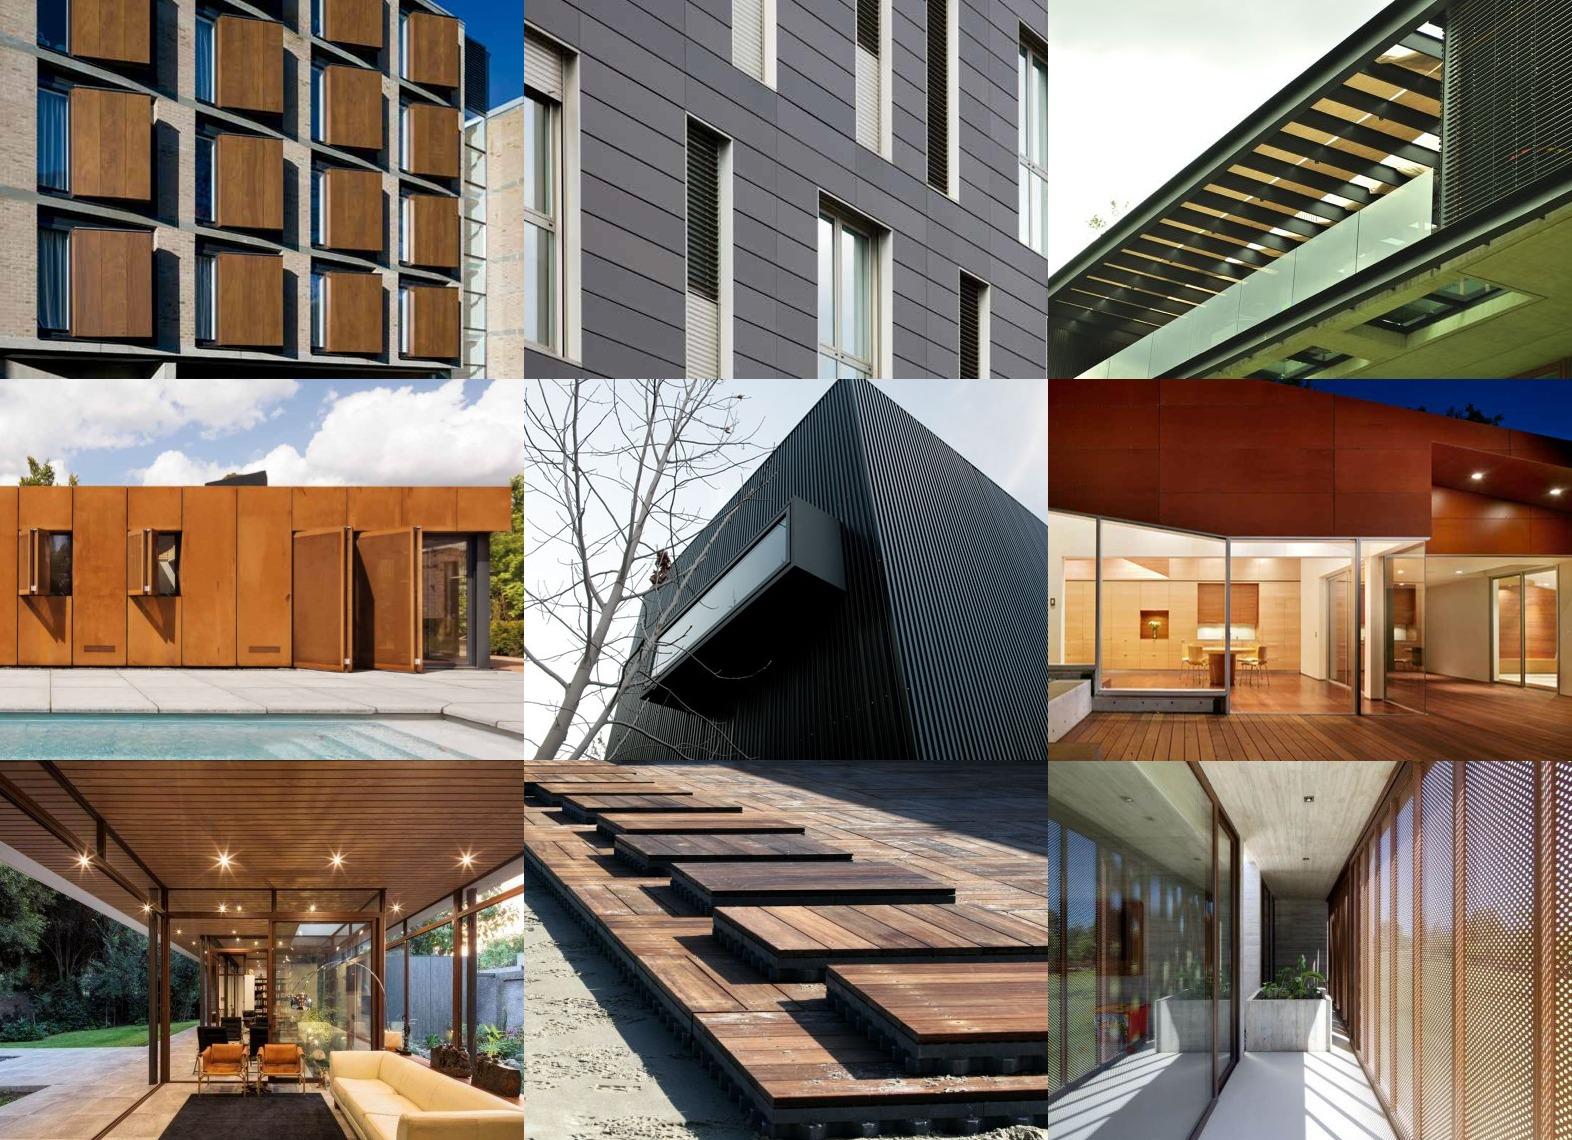 Materiales control solar y revestimientos modulares para for Articulos decorativos para casa